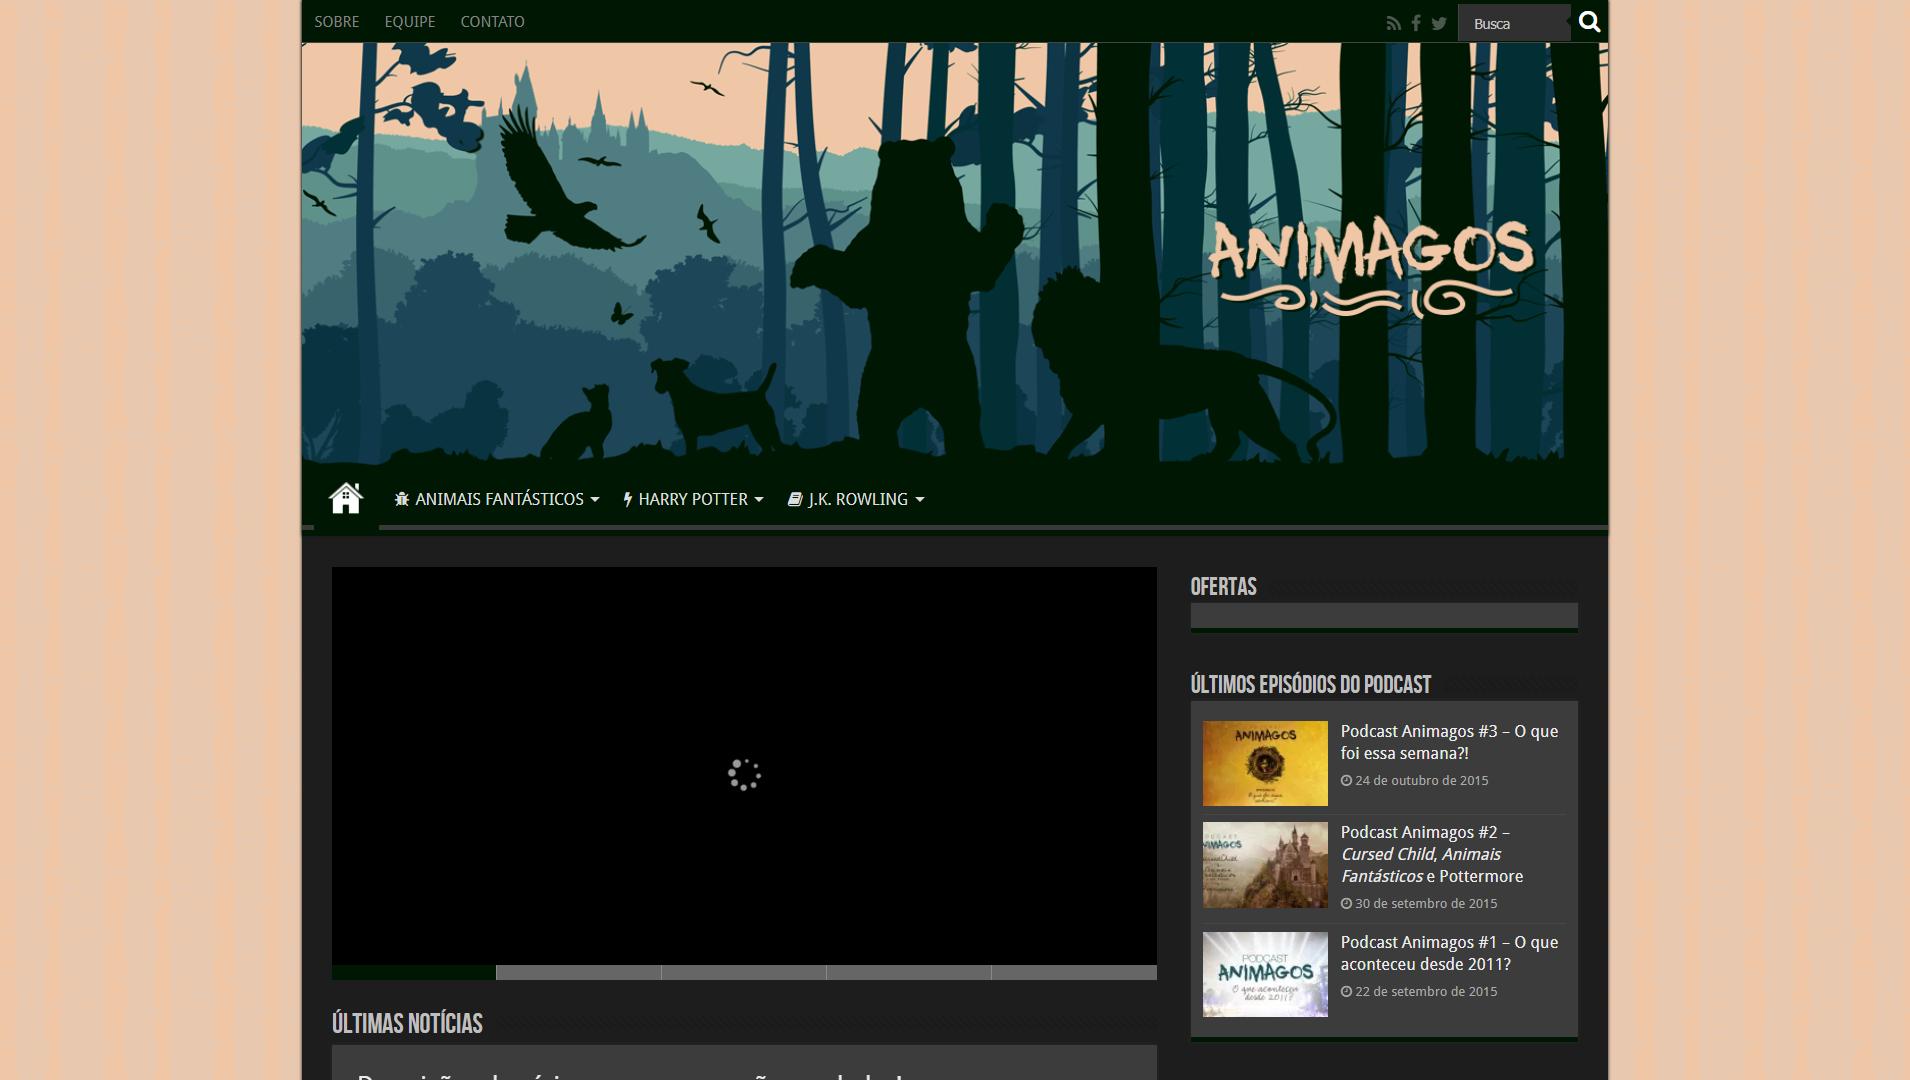 Print screen do primeiro layout do site, com uma imagem no topo da silhueta de seis animais: uma águia, um gato, uma borboleta, um cachorro, um urso e um leão. Ao fundo, vê-se a silhueta de Hogwarts.